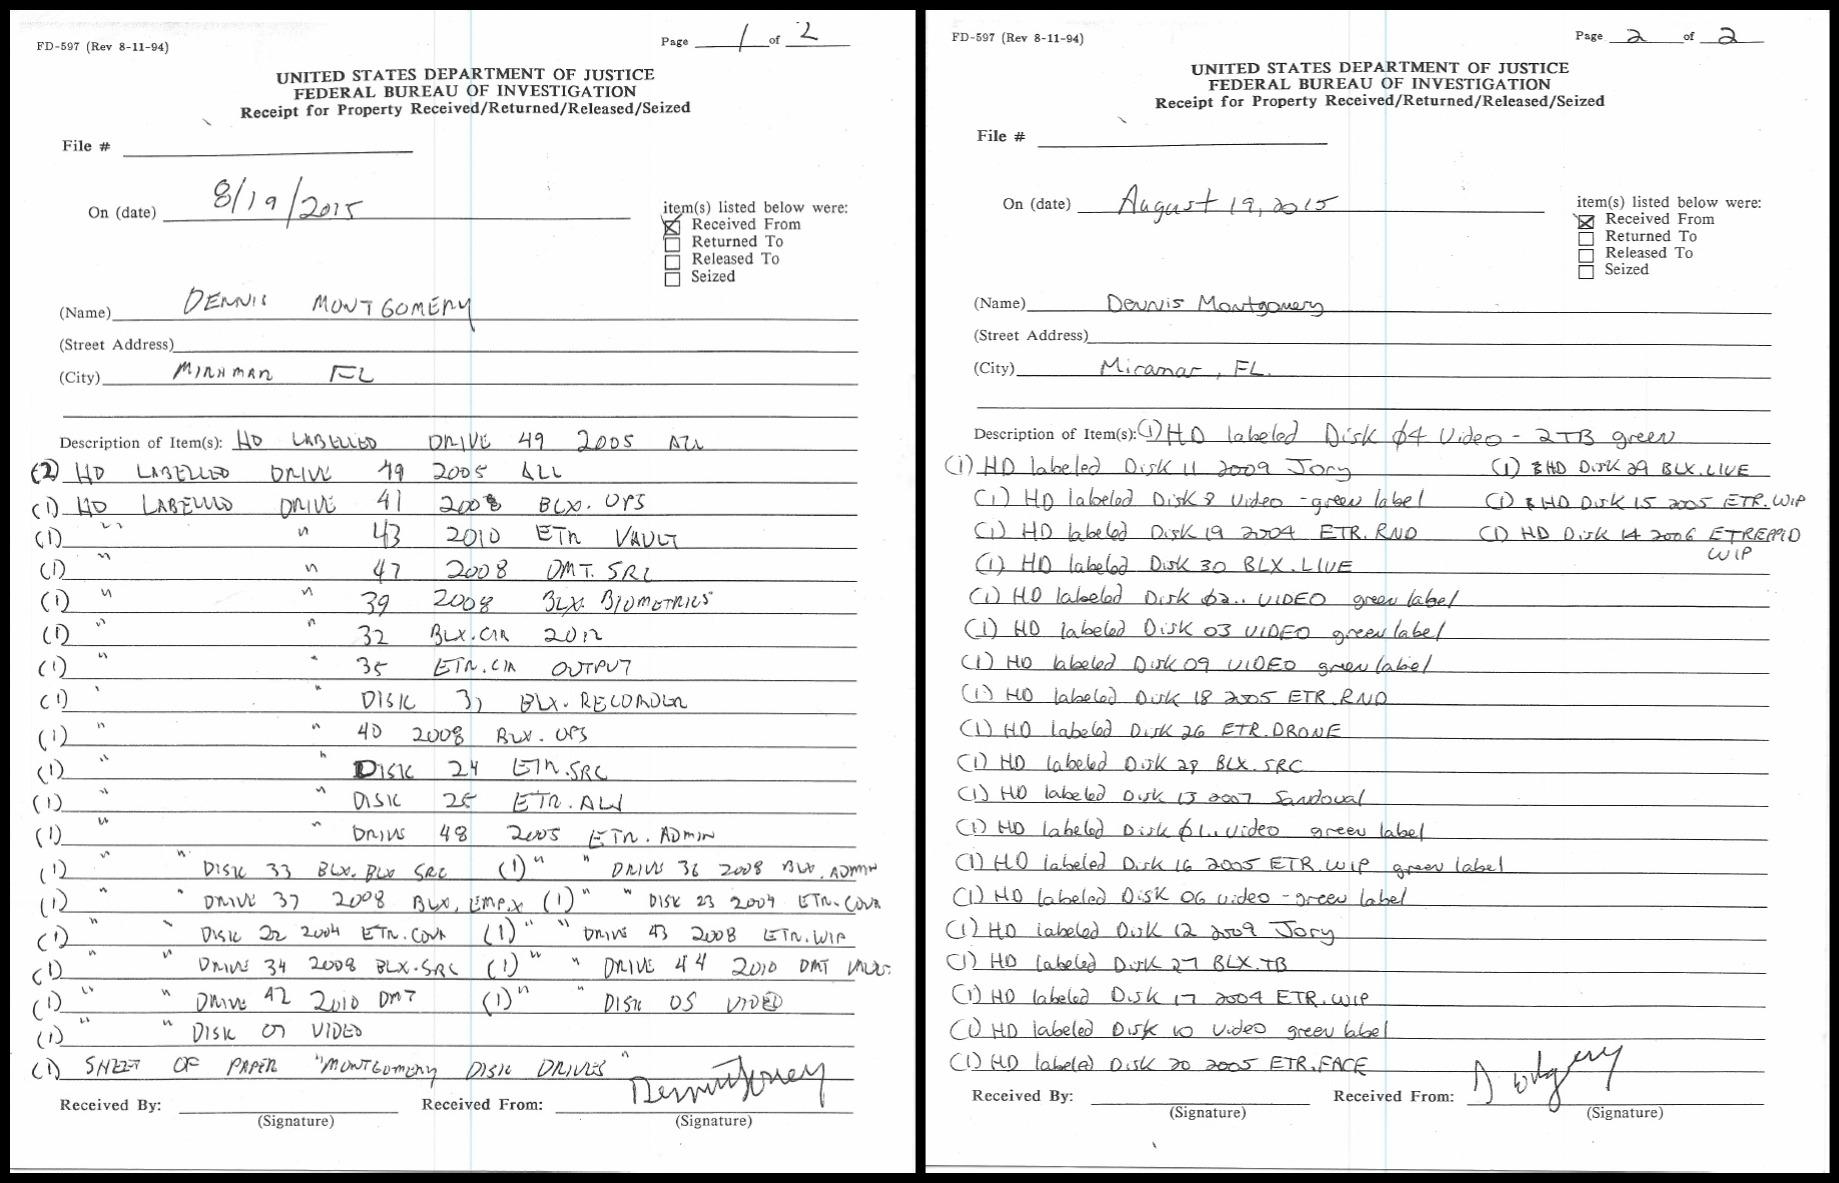 Dennis Montgomery FBI Receipt Hard Drives